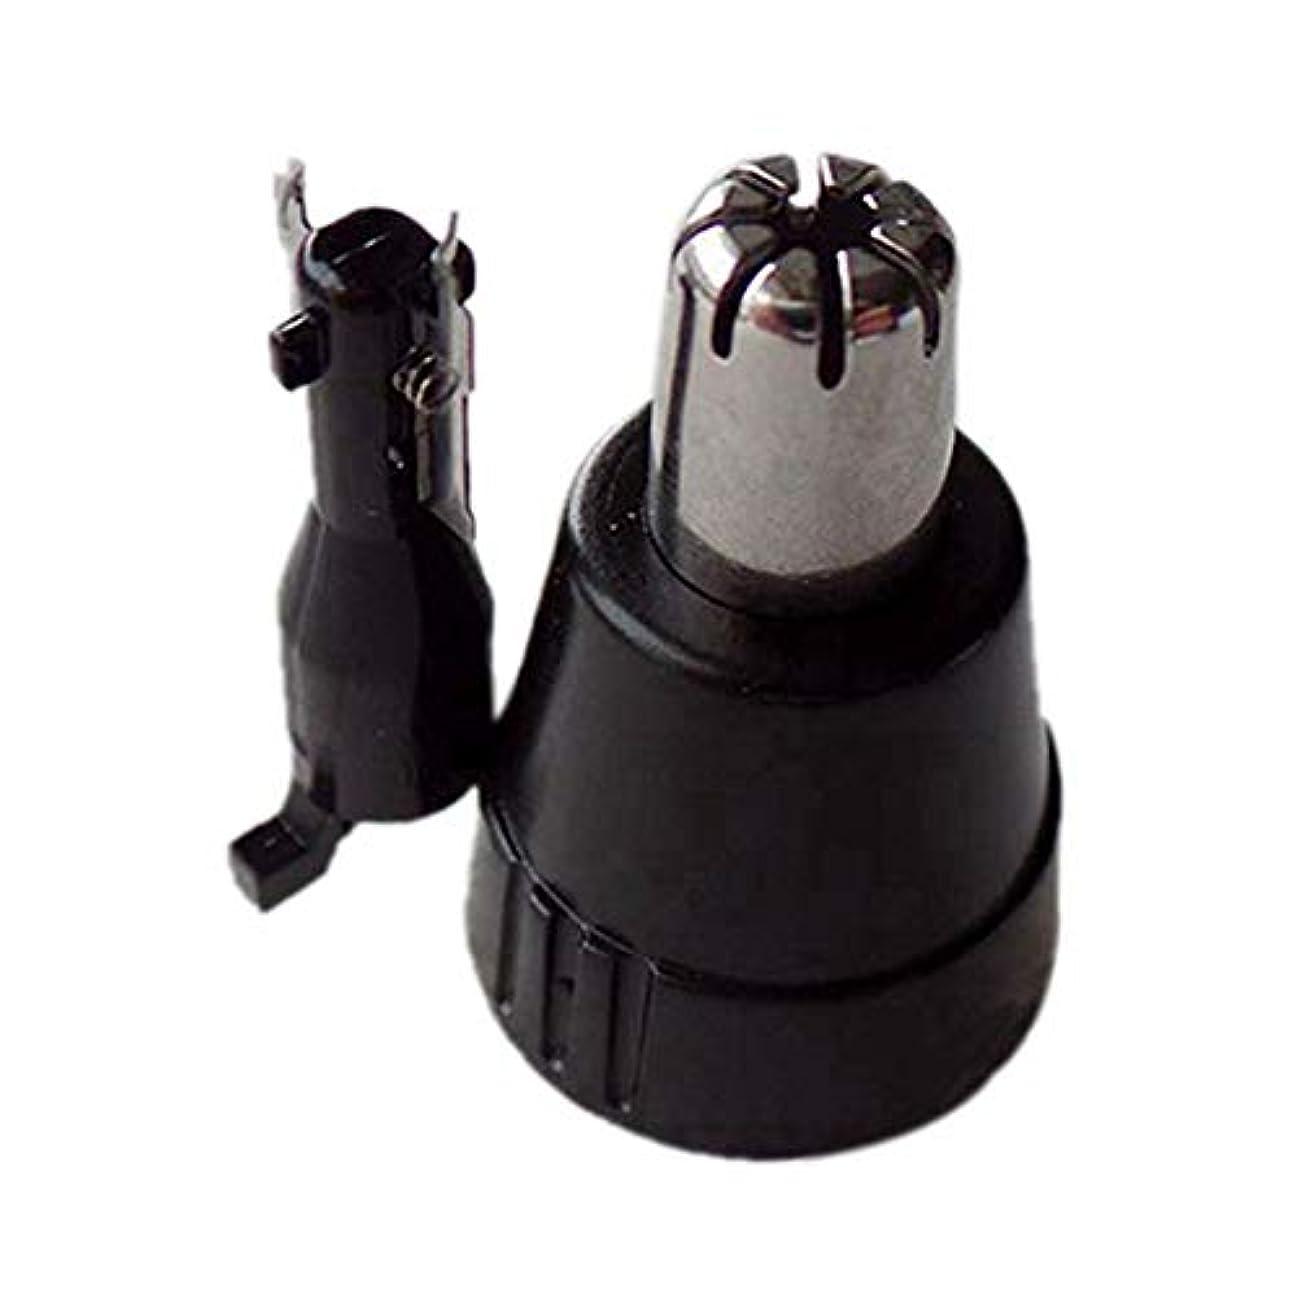 買収楽しむ曲がったHzjundasi 鼻毛カッターパーツ 内刃 外刃 替刃 耐用 高質量 for Panasonic 鼻毛カッター ER-GN30/-GN10